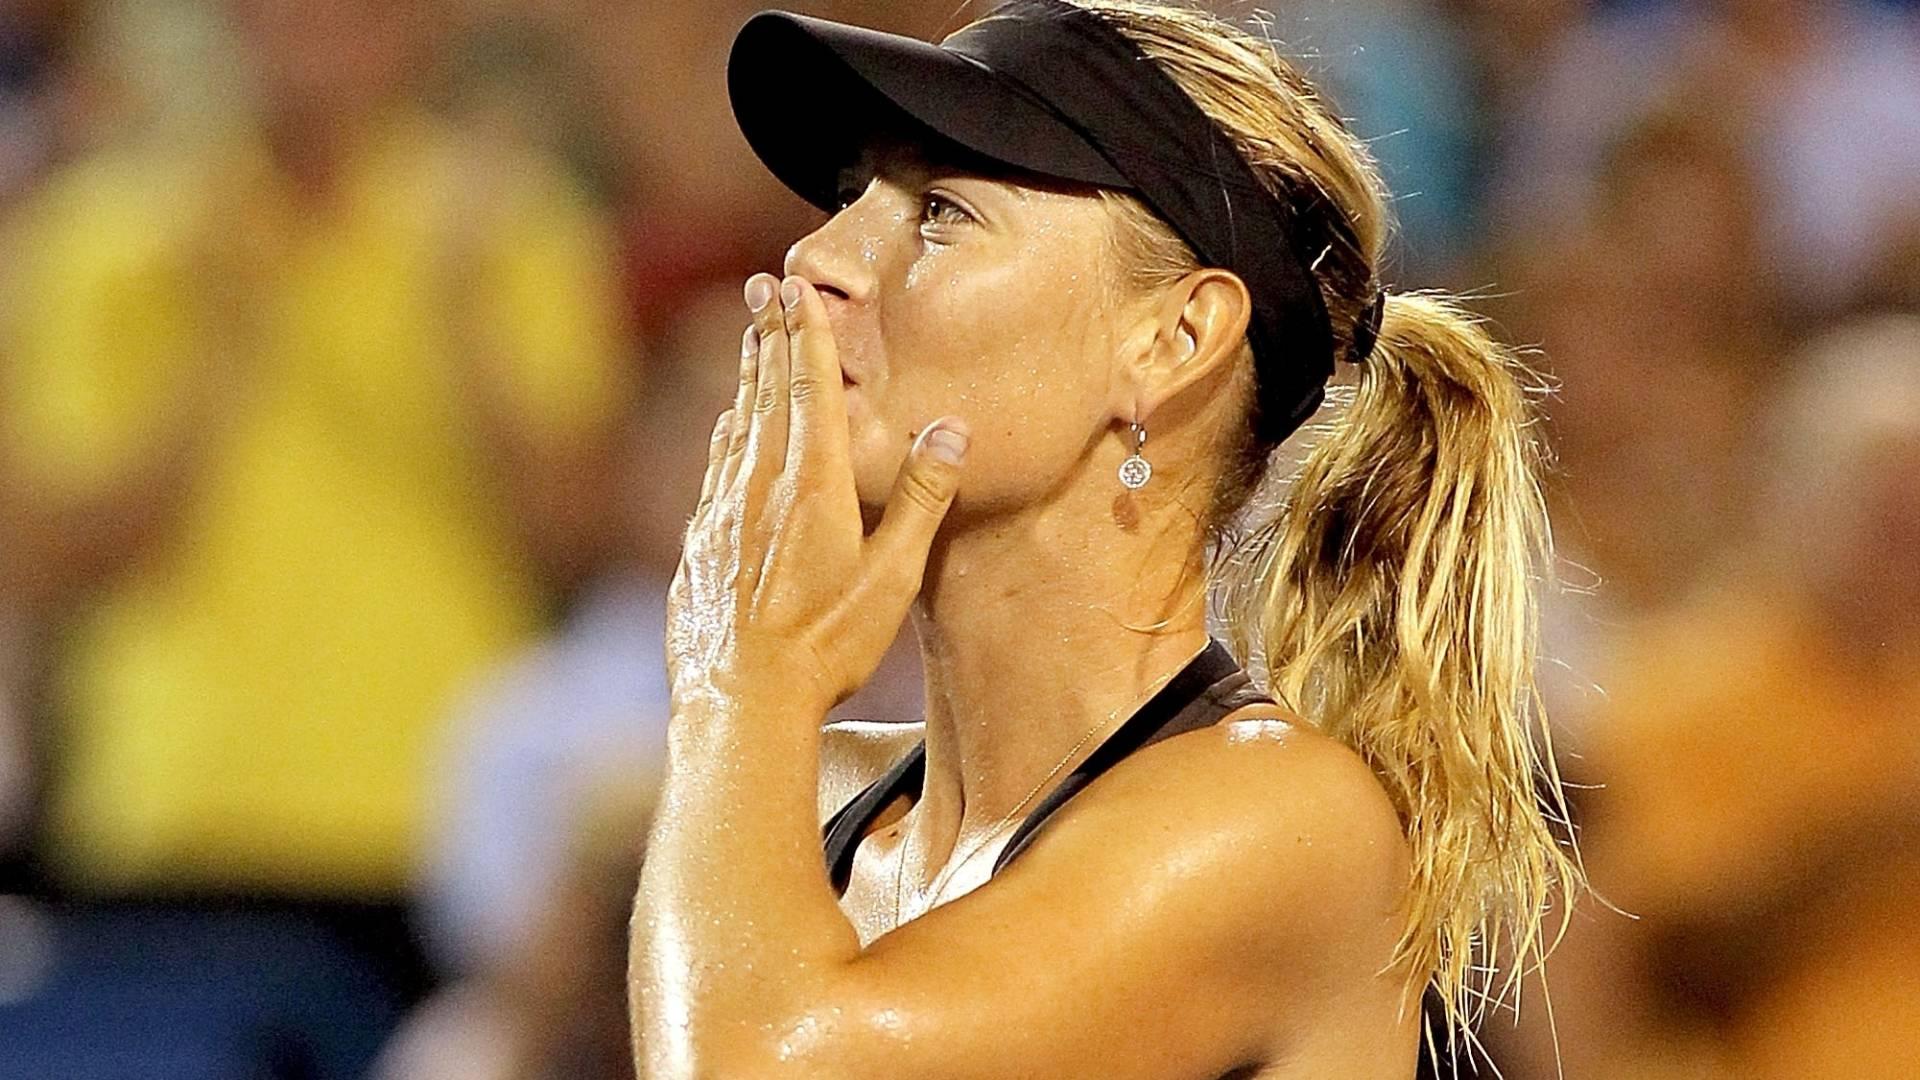 Maria Sharapova comemora vitória de virada sobre Vera Zvonareva em Cincinnati (20/08/2011)